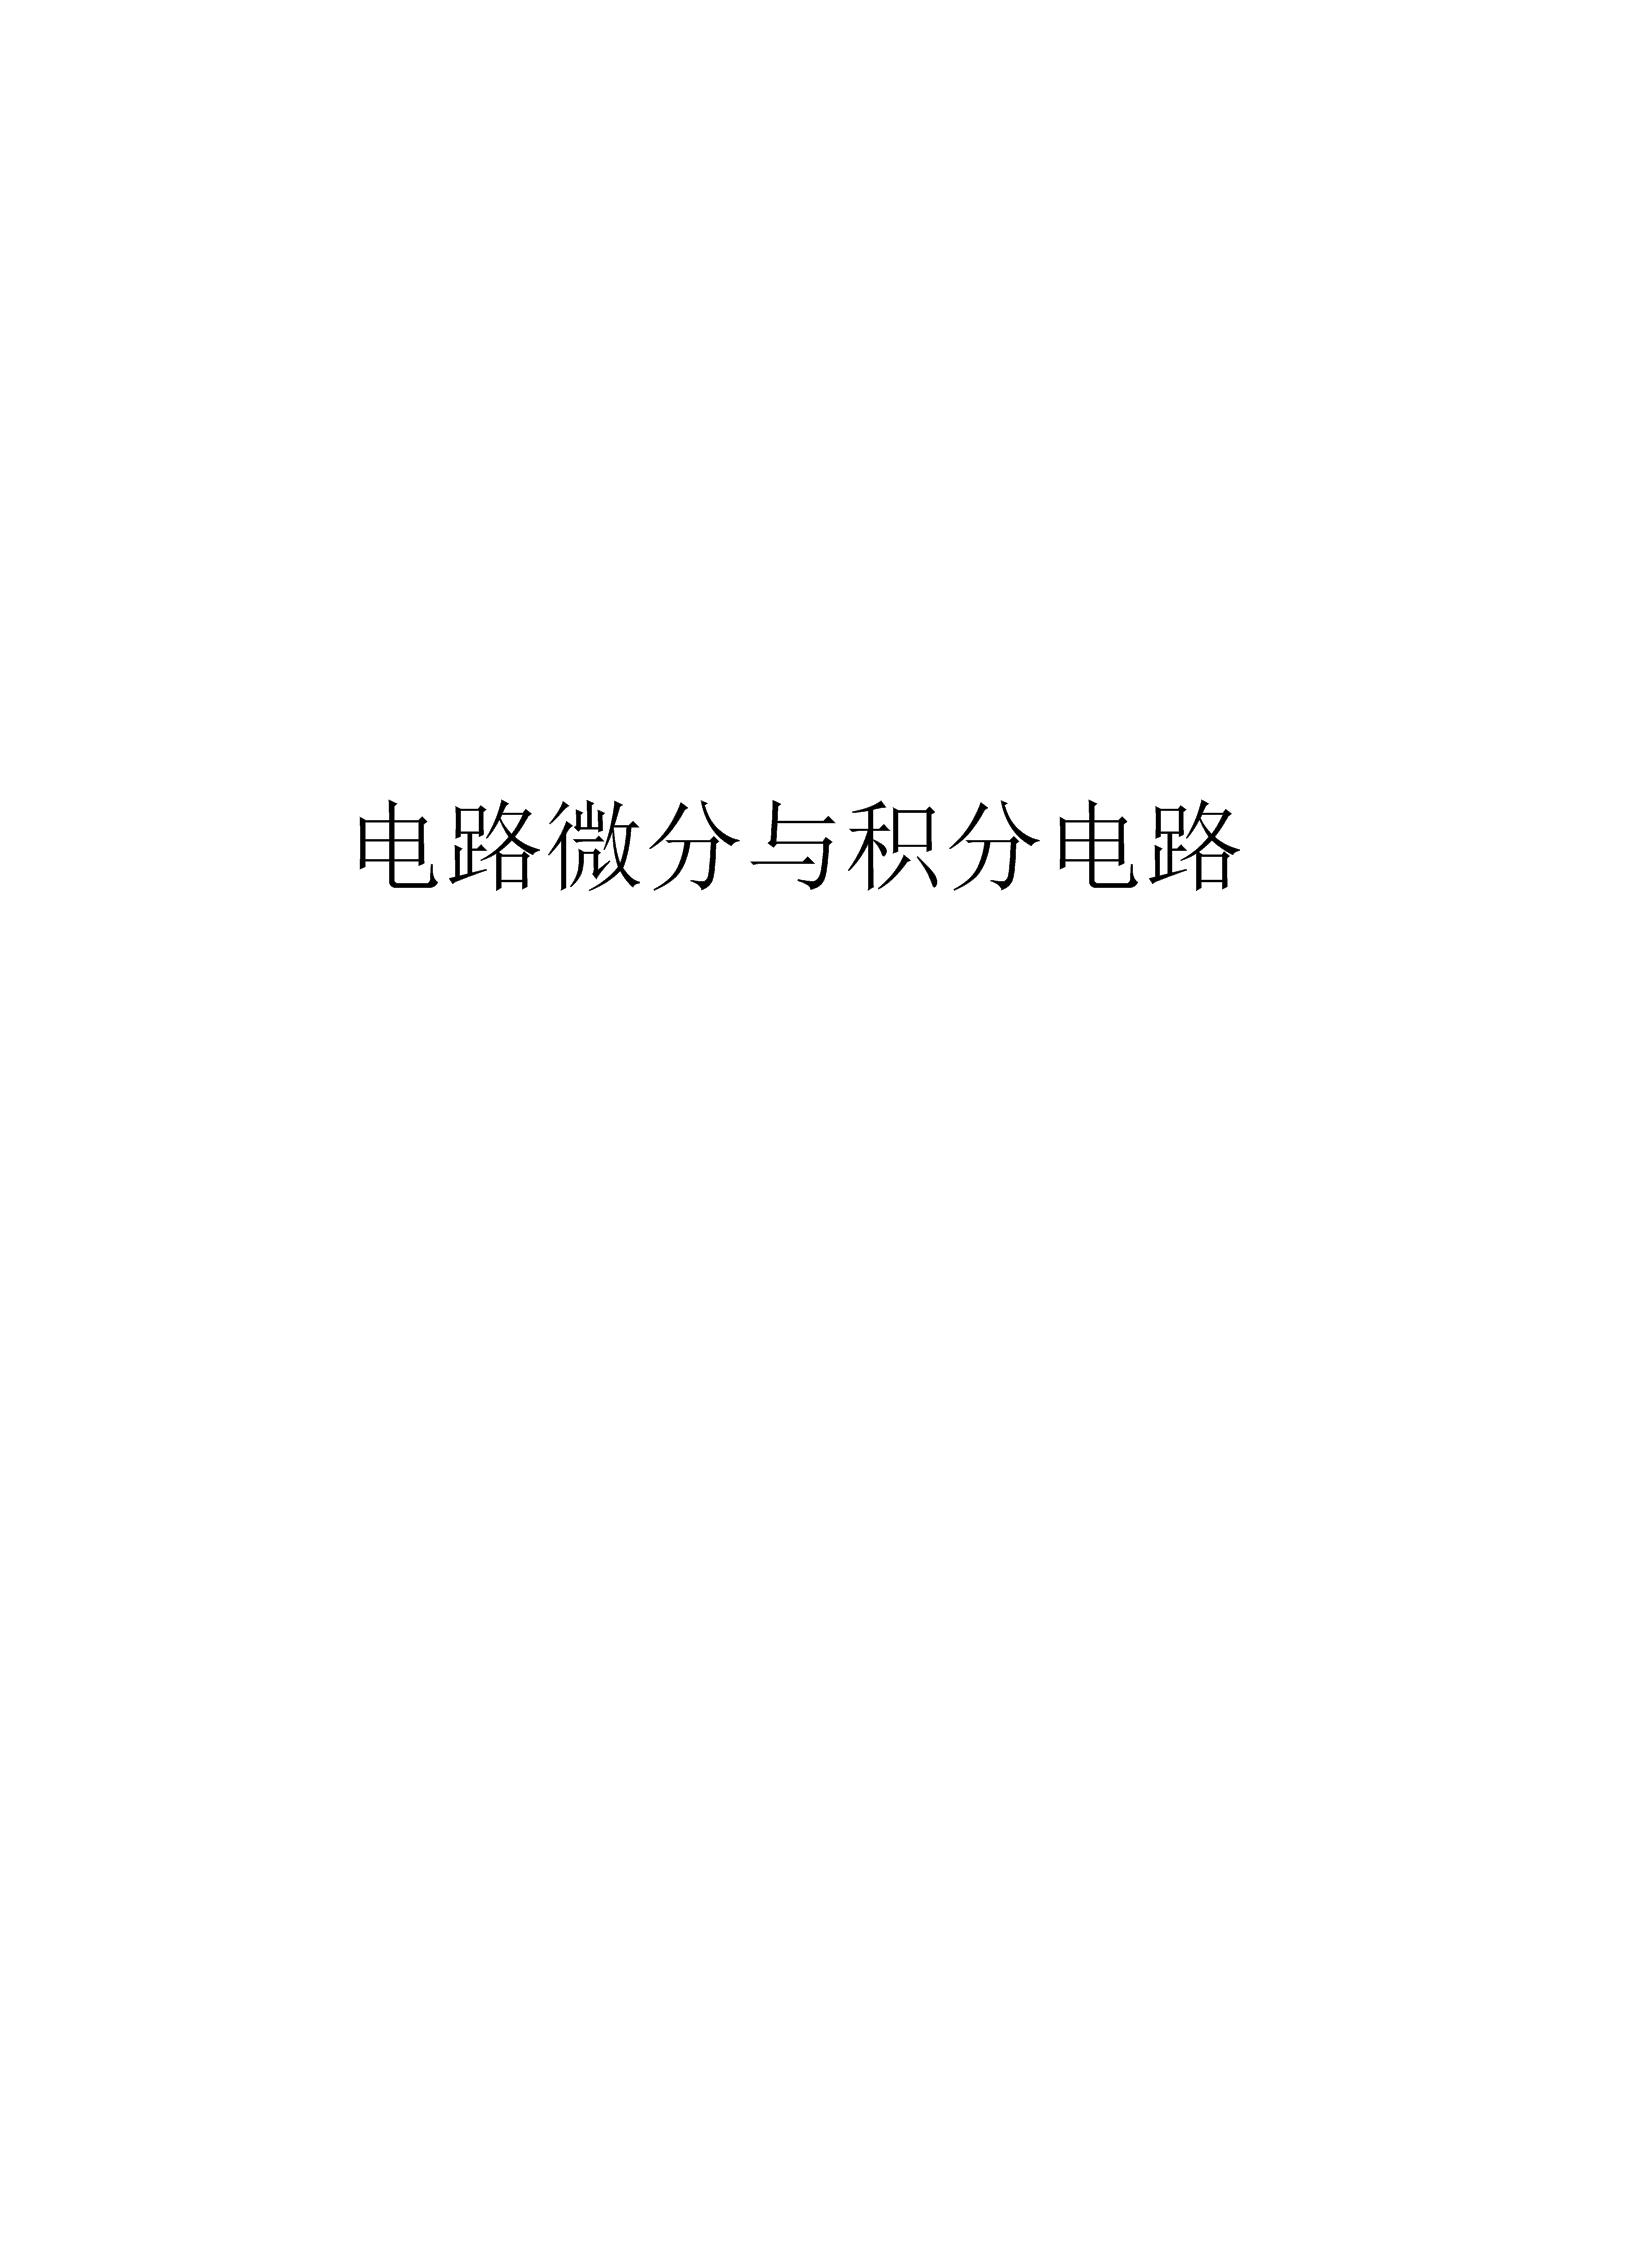 电路微分与积分电路培训课件.docx